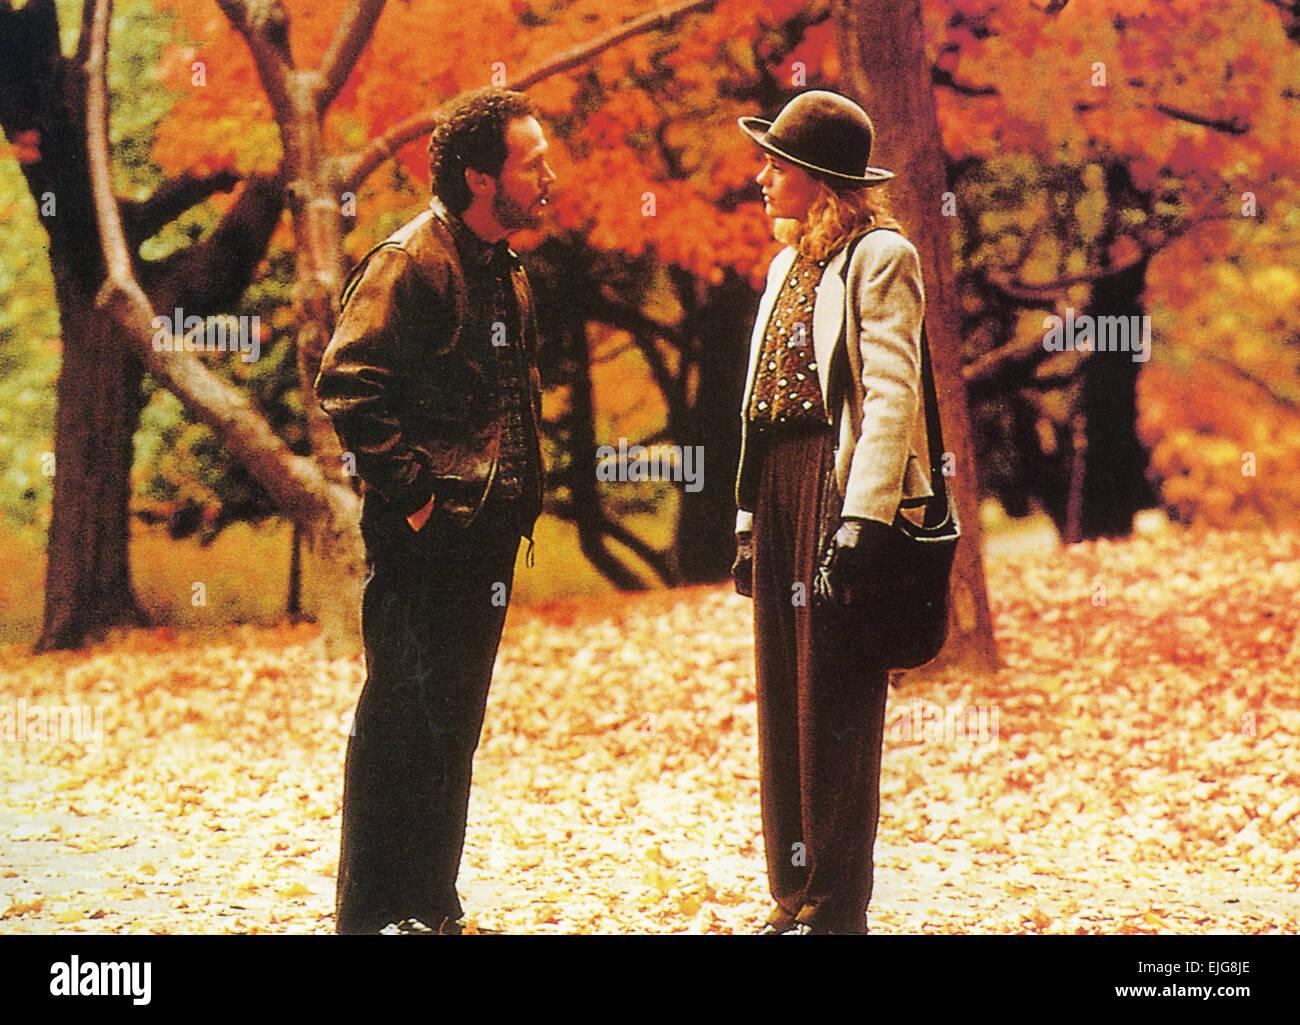 Cuando HARRY MET SALLY 1989 Castle Rock película con Meg Ryan y Billy Crystal Imagen De Stock